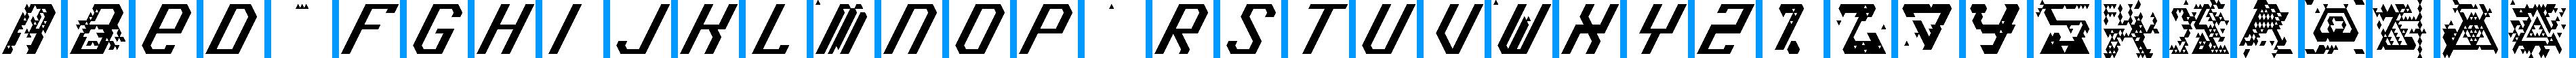 Particip-a-type v.238